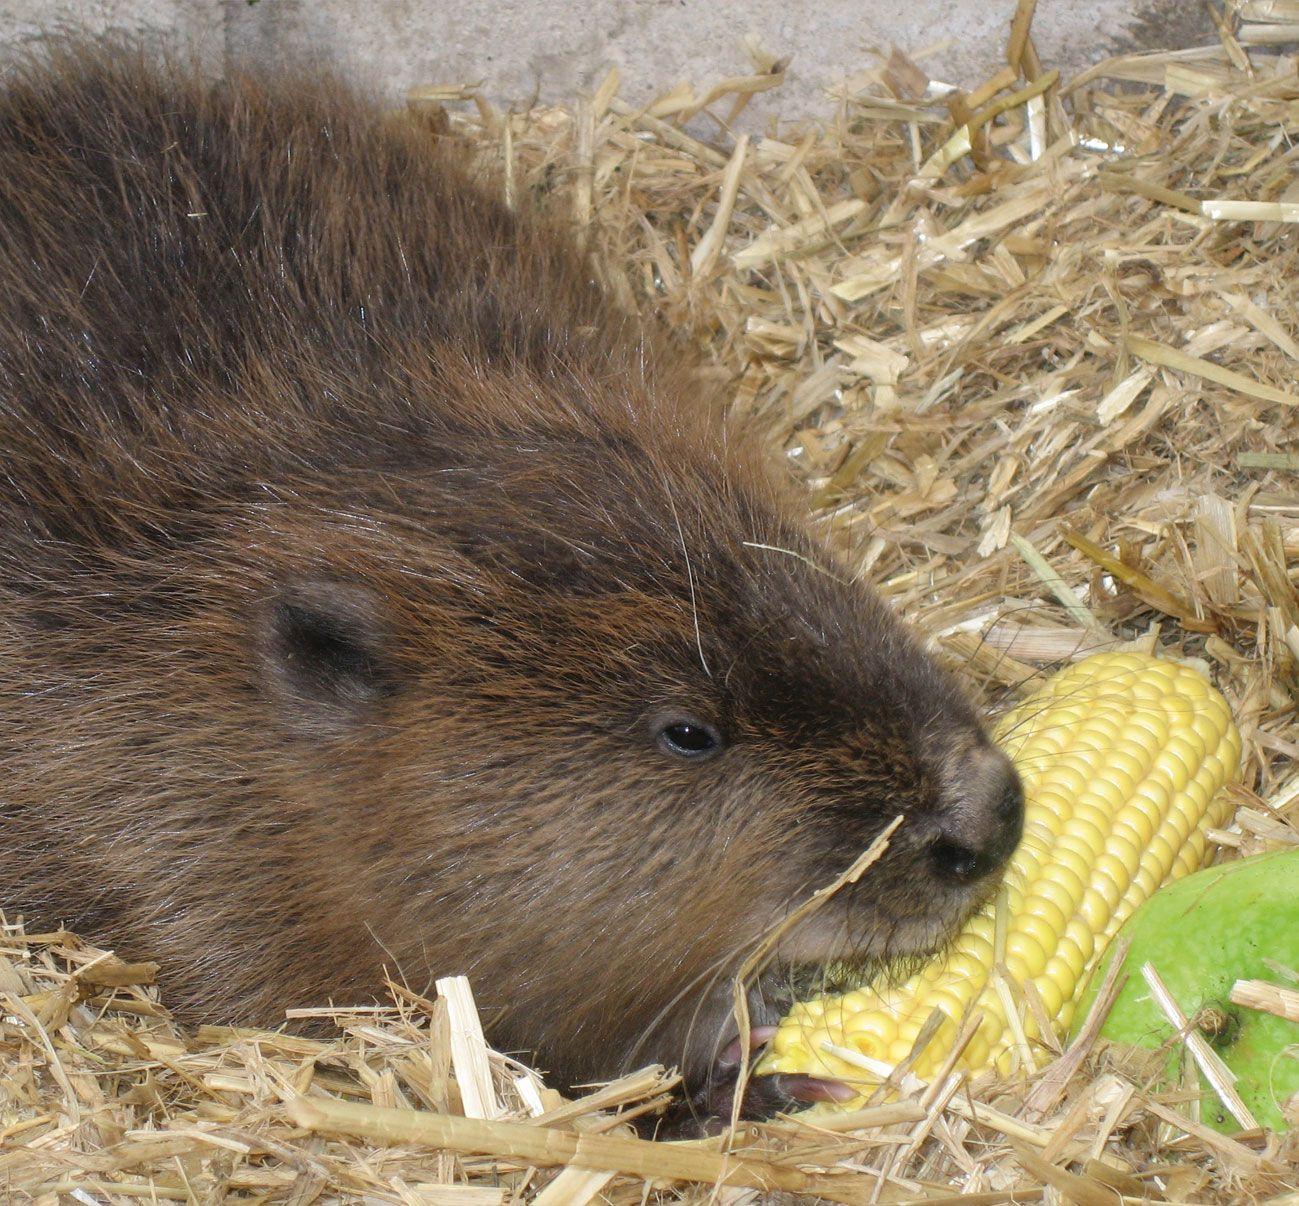 Beaver eating corn | Beaver | Pinterest | Animal